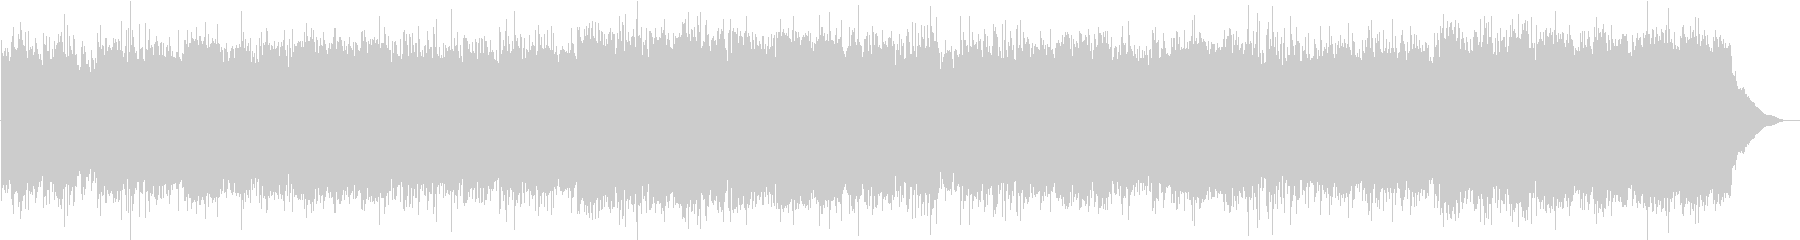 和楽器をたくさん使った重低音の曲の未再生の波形